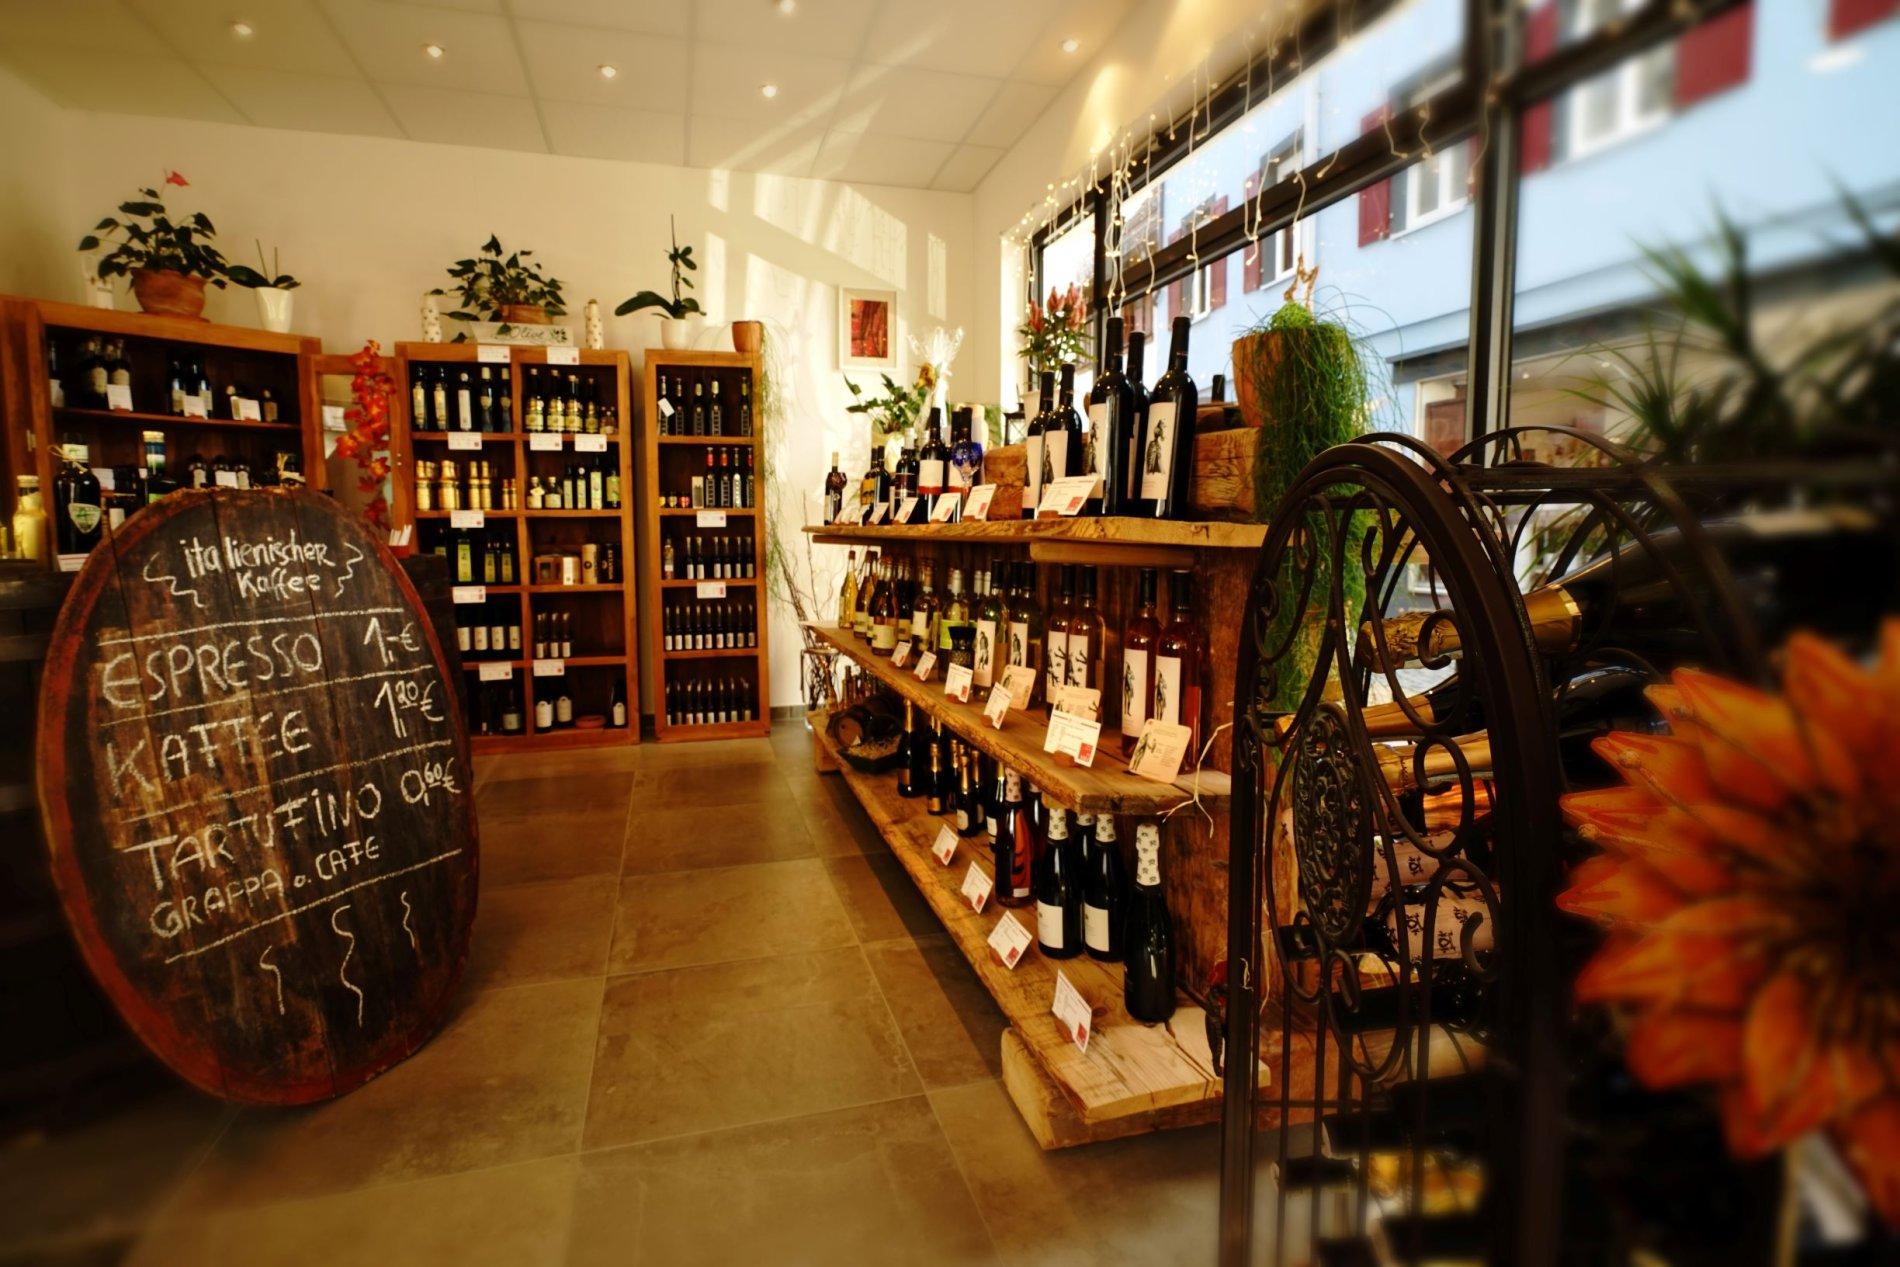 Öle, Suppen, Weine und andere haltbare Lebensmittel bei Il Cesto in Wolfach